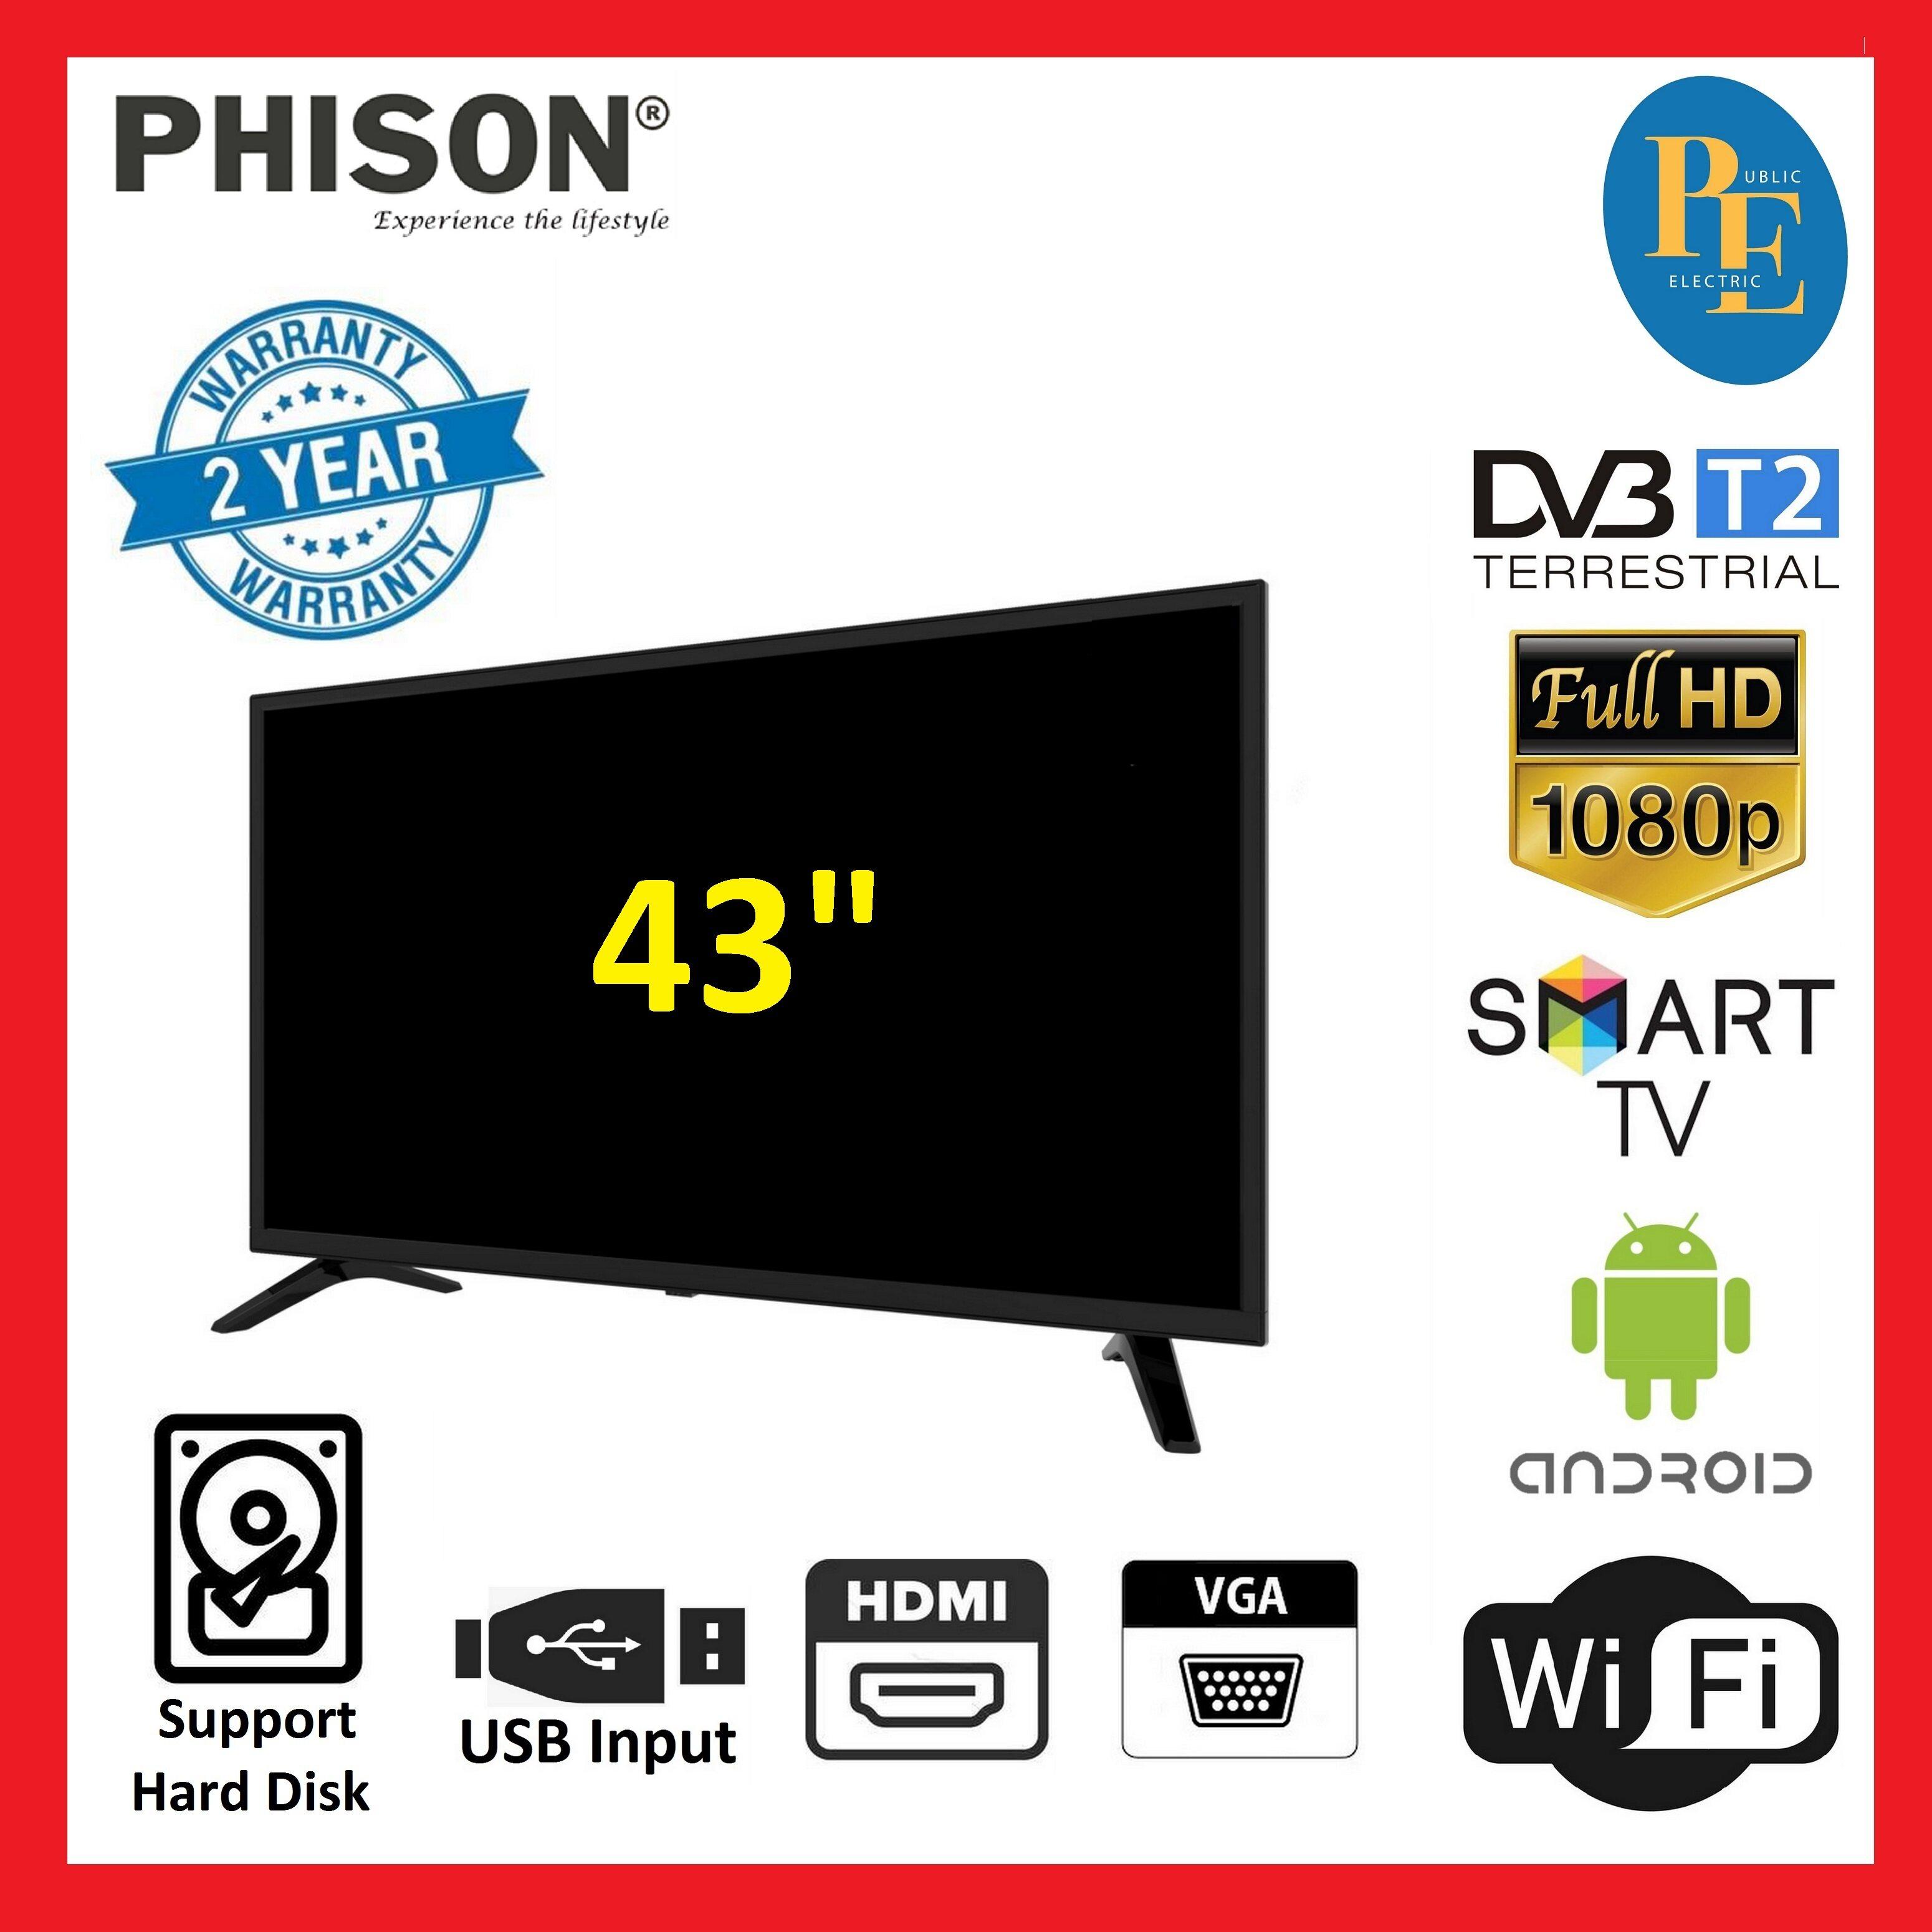 Phison Android Smart Full HD DVB-T2 LED TV 43 - PTV-E4320S